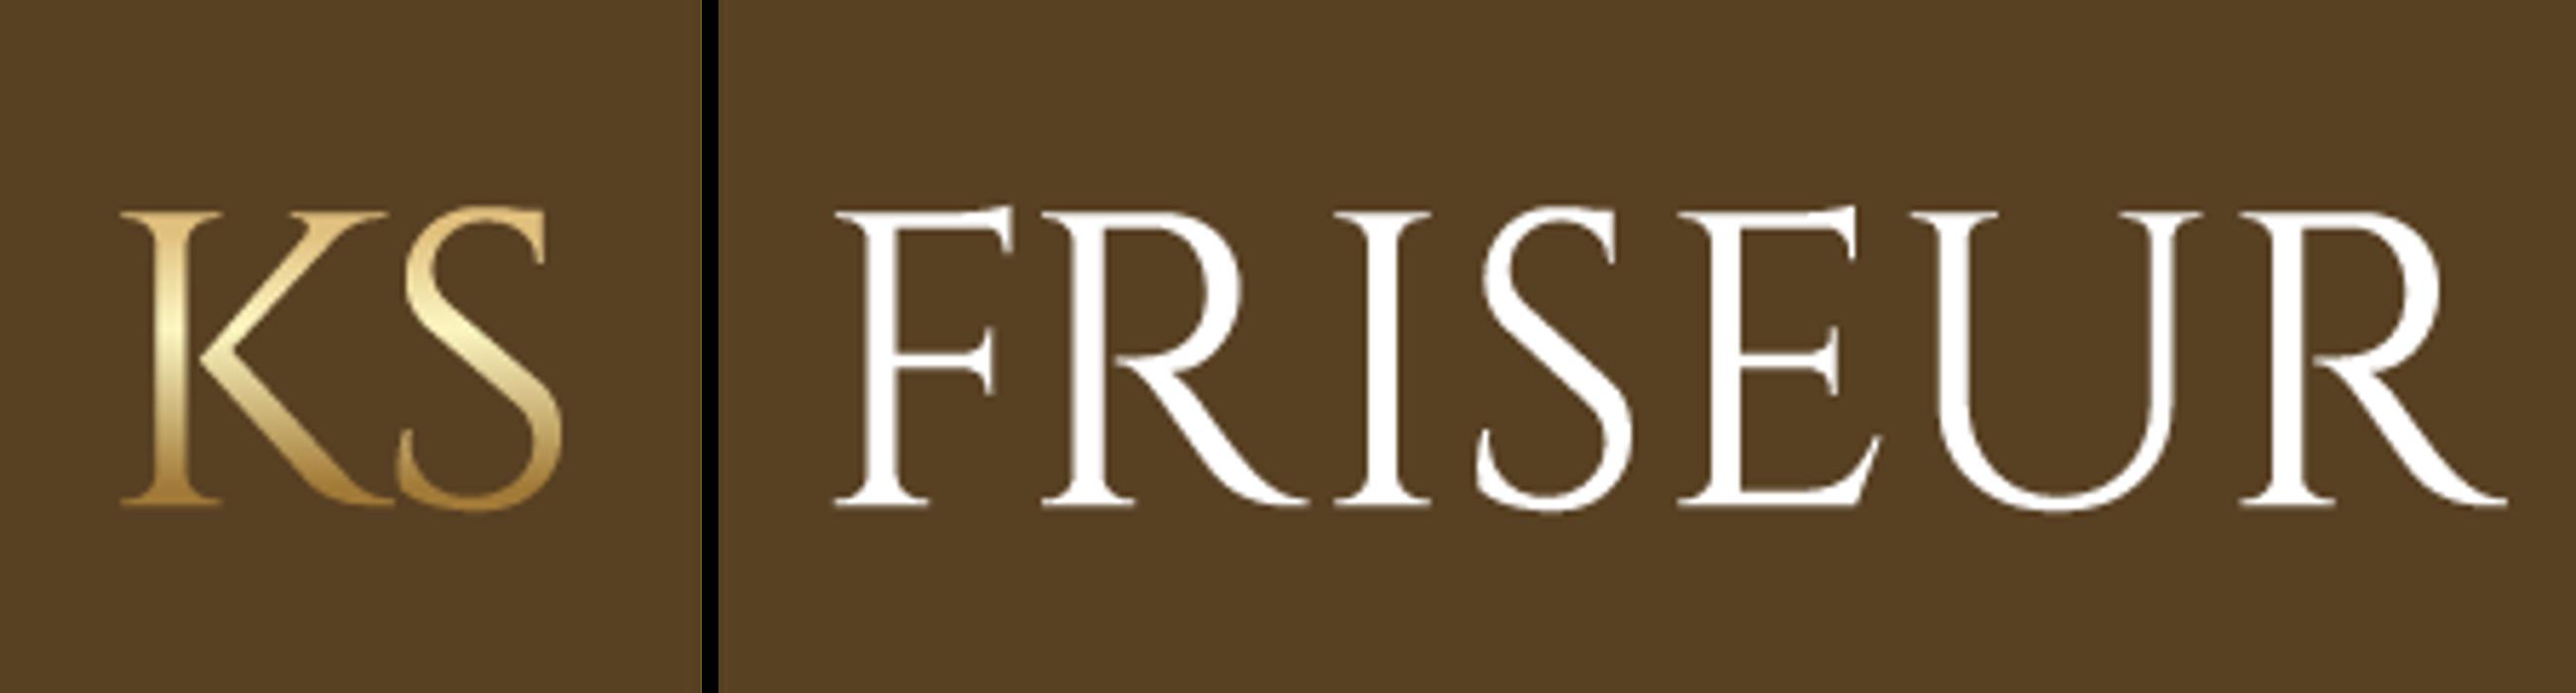 KS Friseur München Pasing